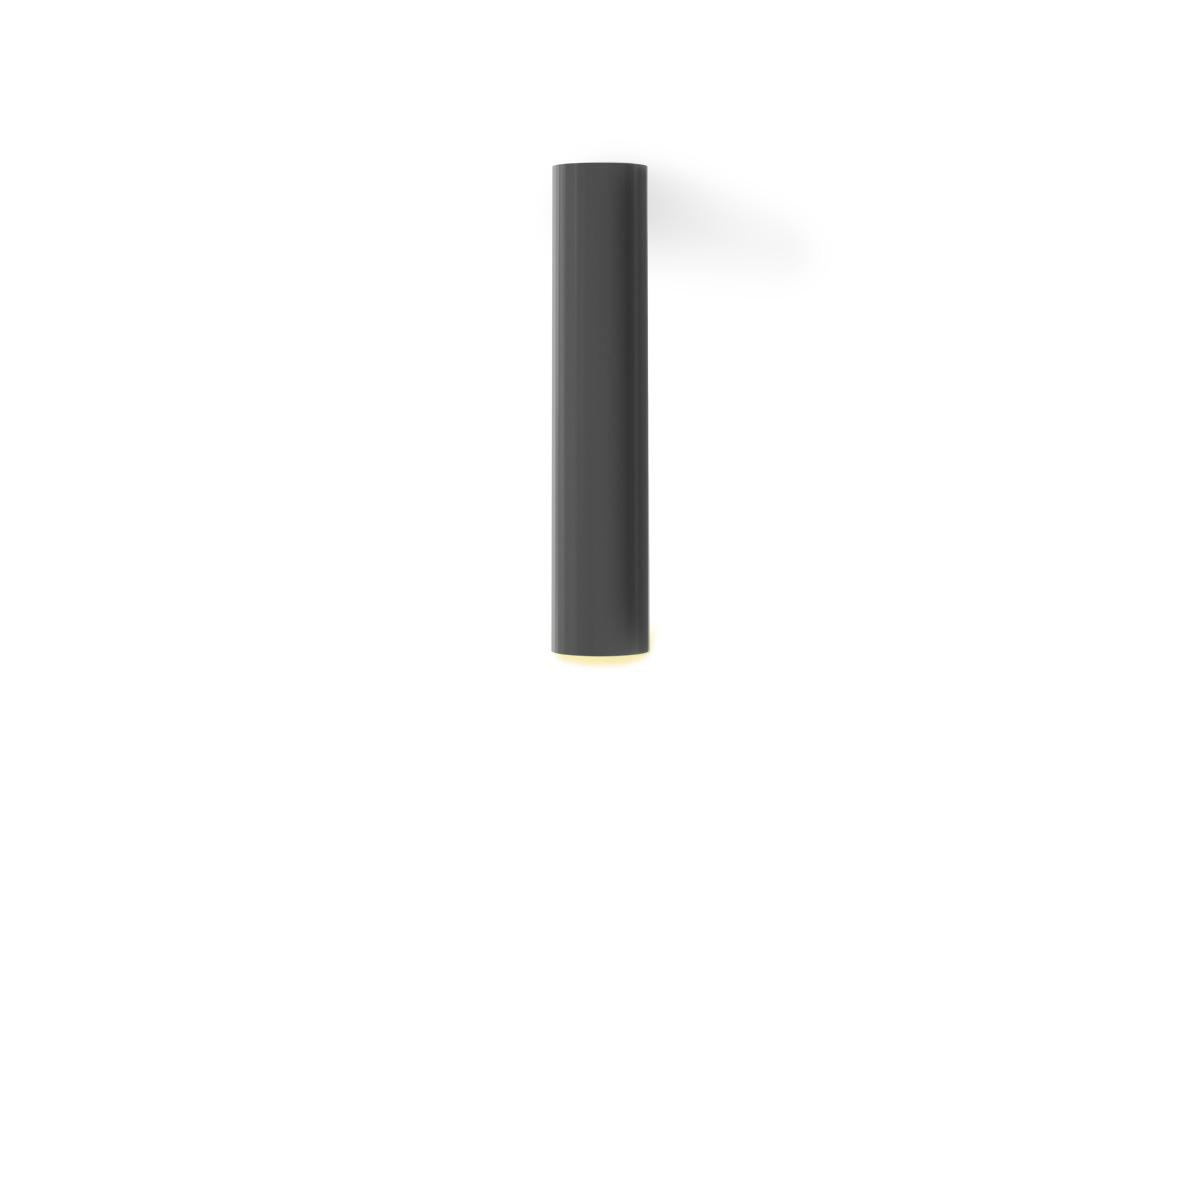 Σωλήνα σποτ ΛΑΜΠΕΣ tube spot